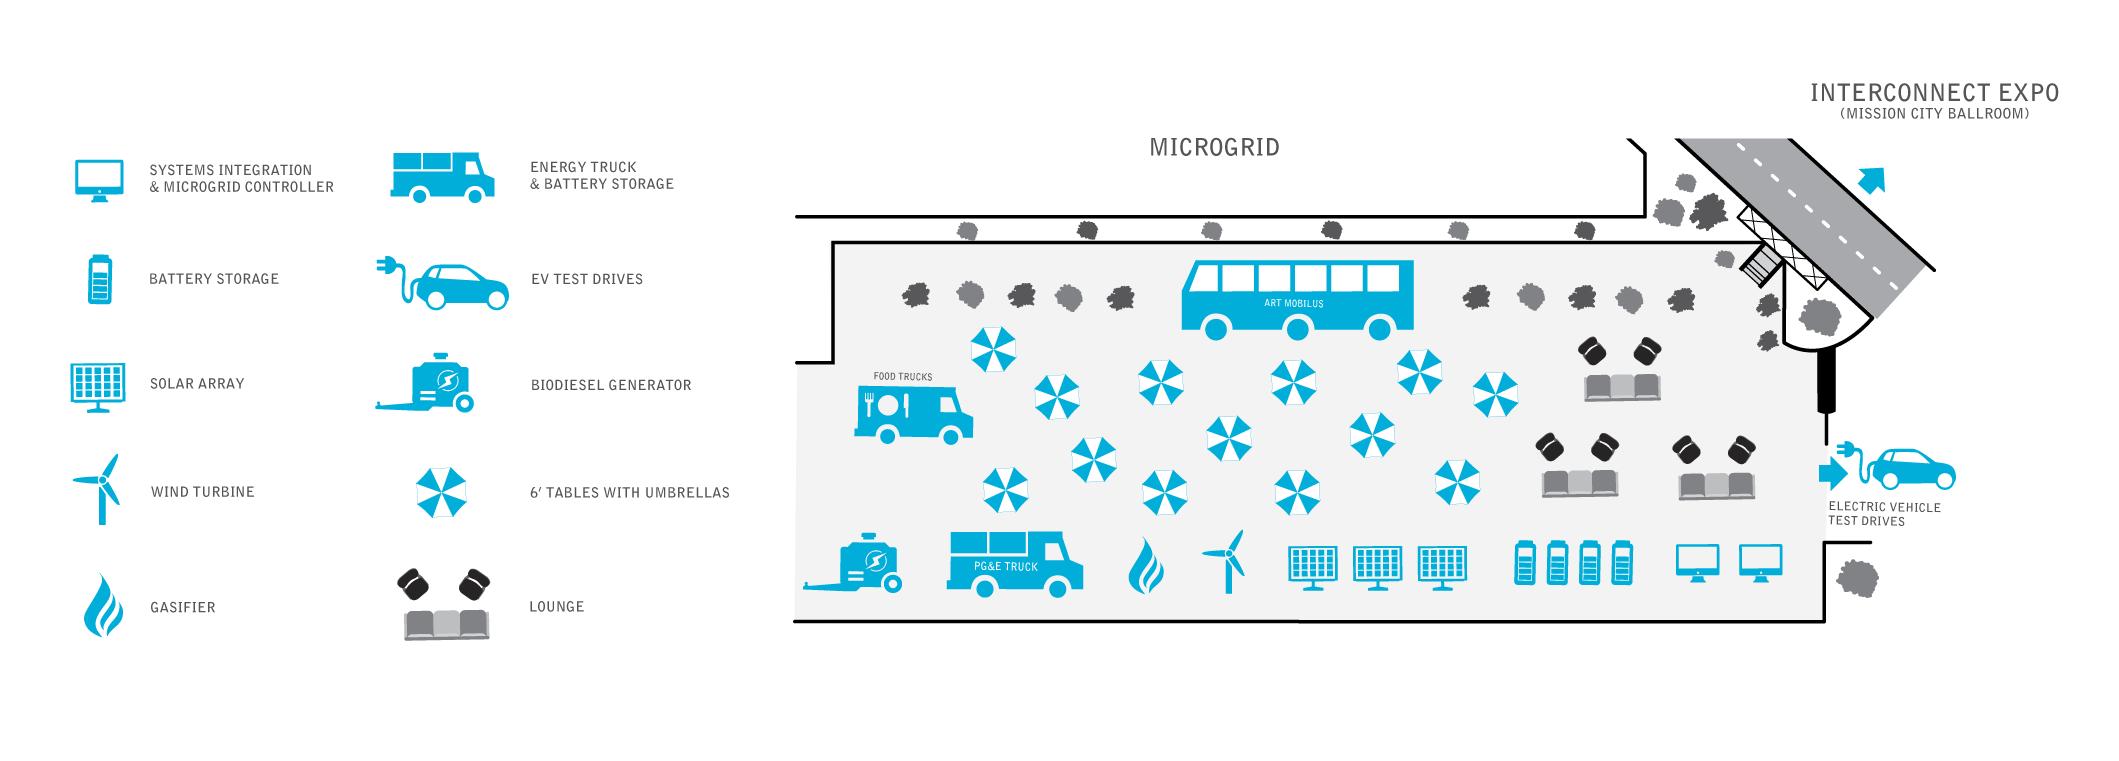 VERGE 17 Microgrid Diagram